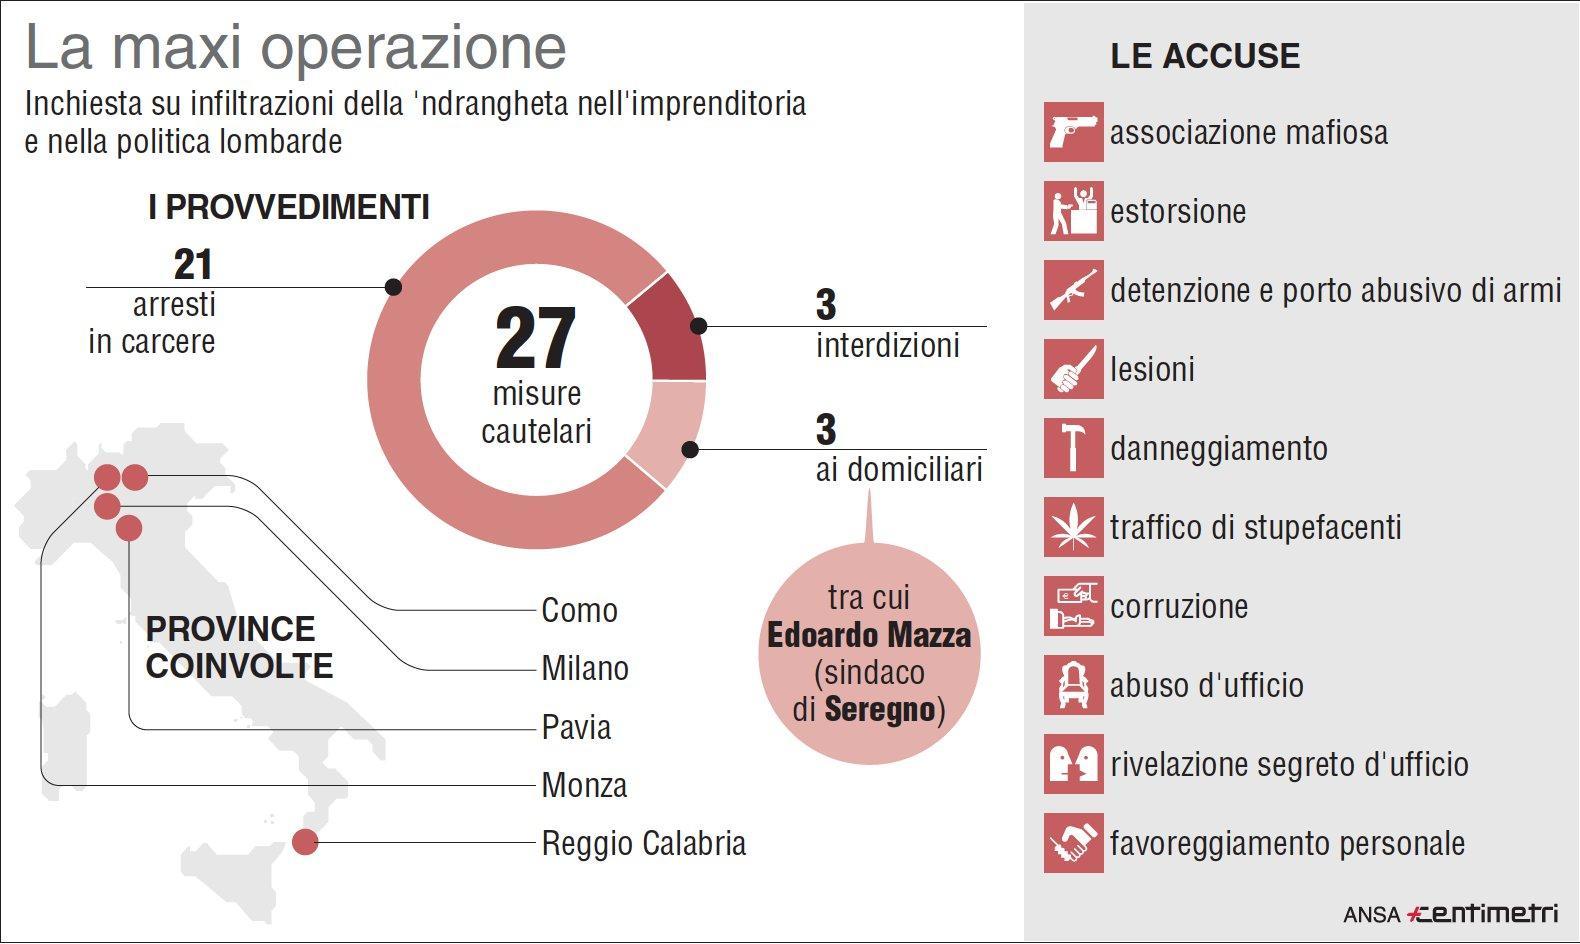 ndrangheta in Lombardia, arresti tra politici e imprenditori